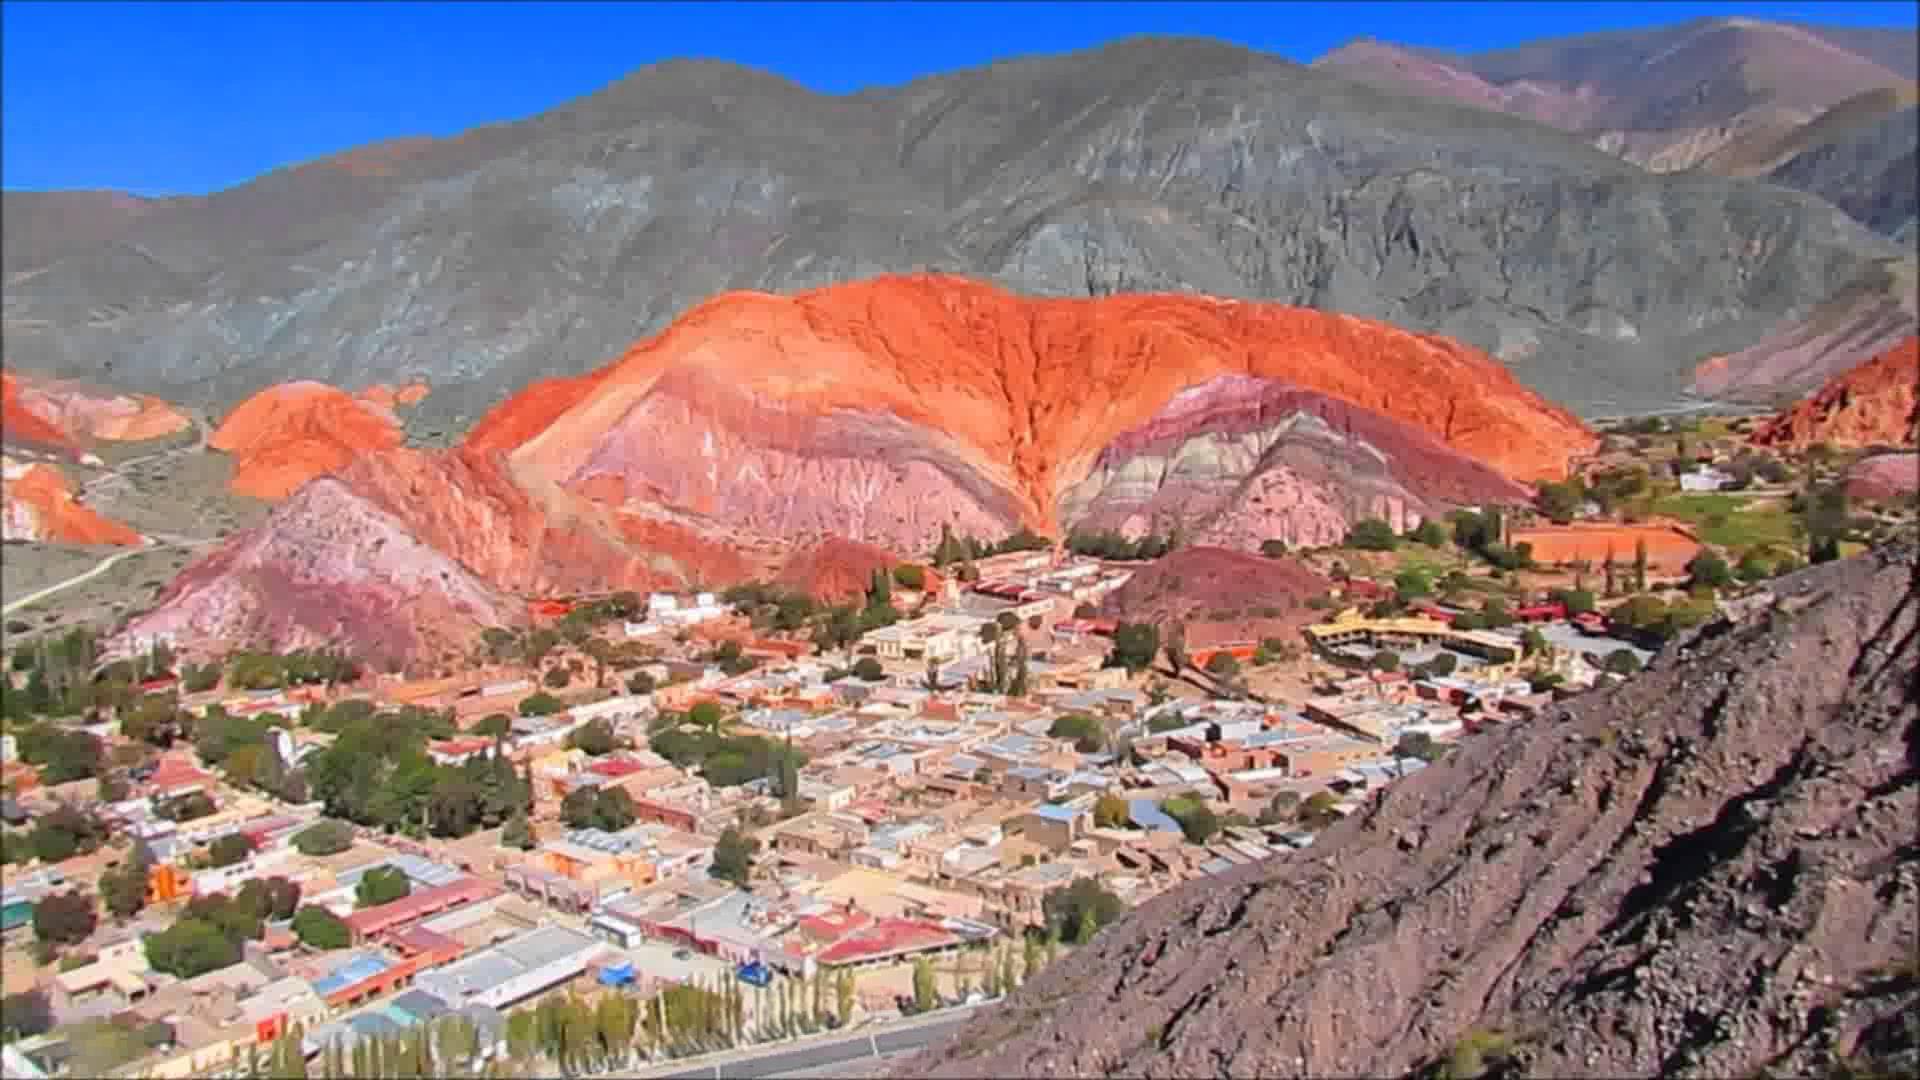 Quebrada-de-humahuaca-13